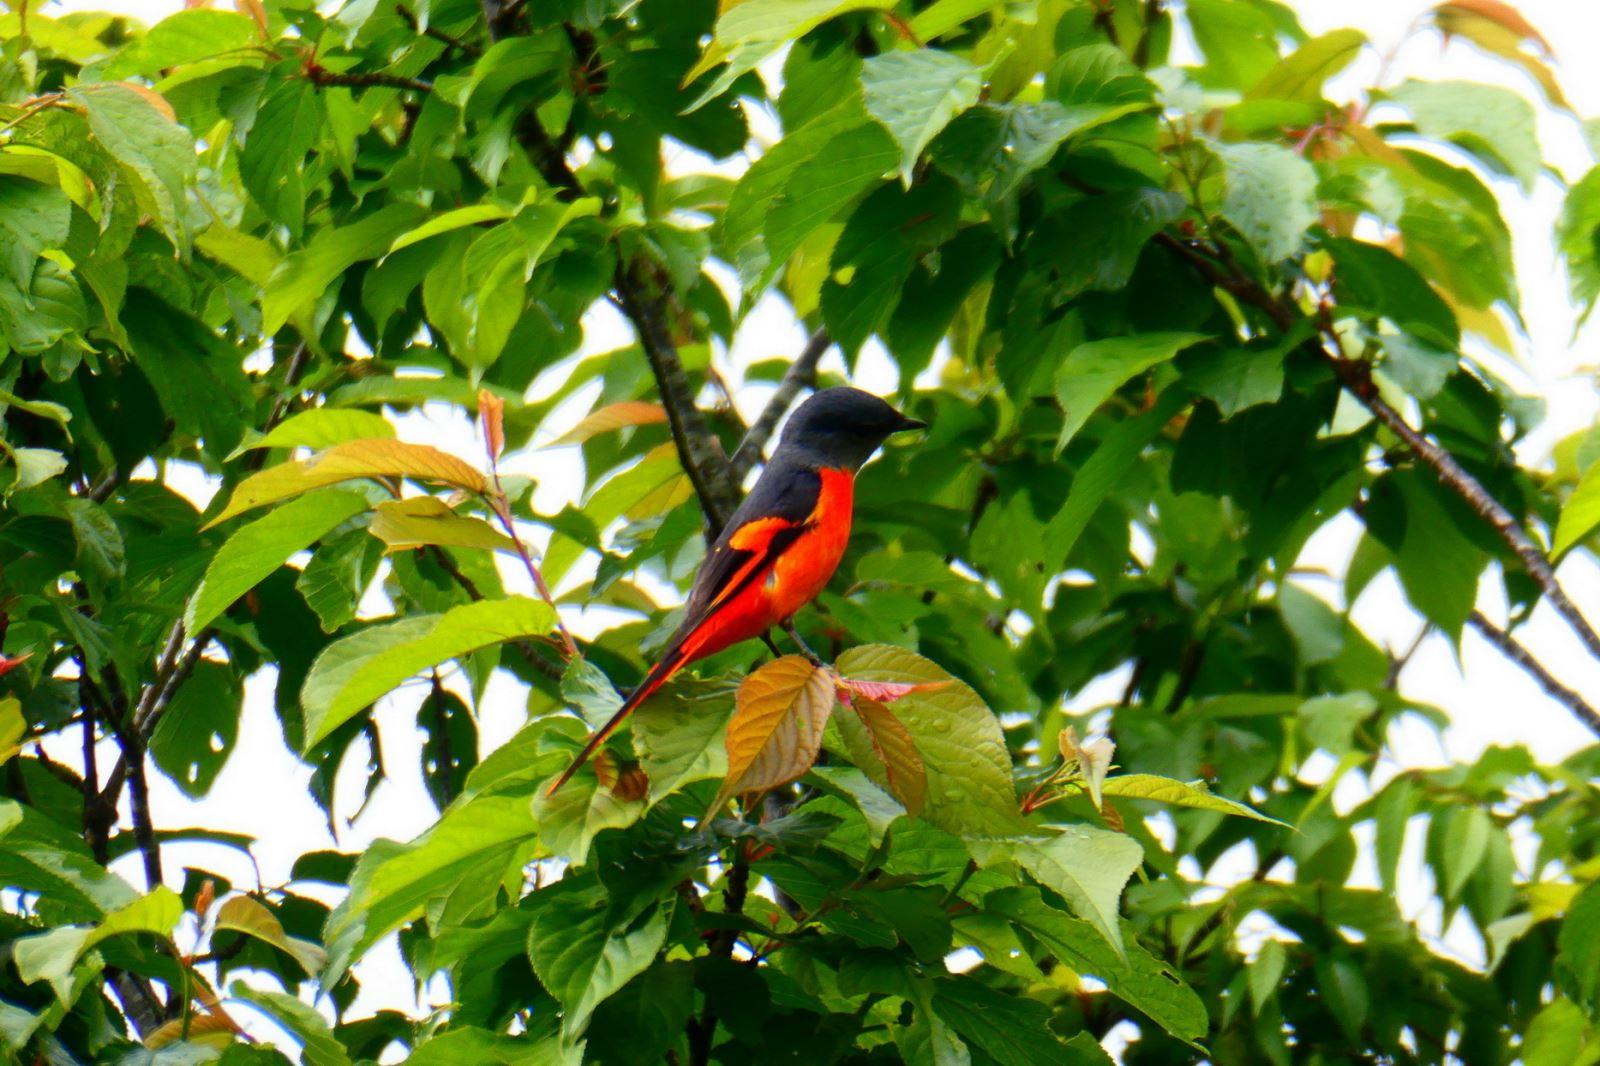 灰喉山椒鳥(公鳥)